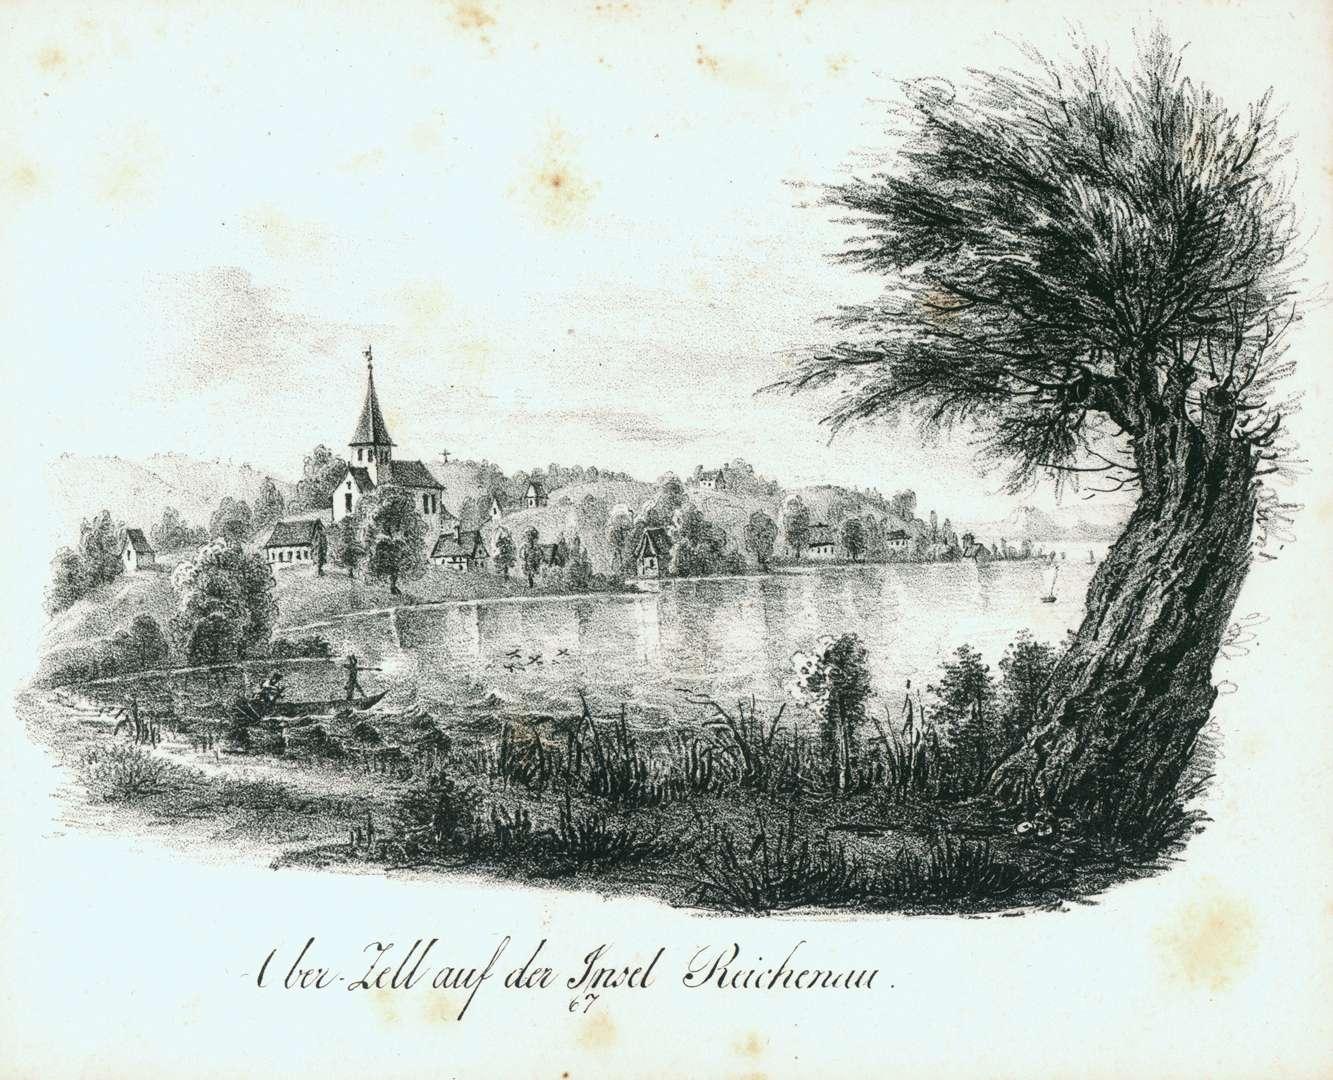 Ober-Zell auf der Insel Reichenau, Bild 1